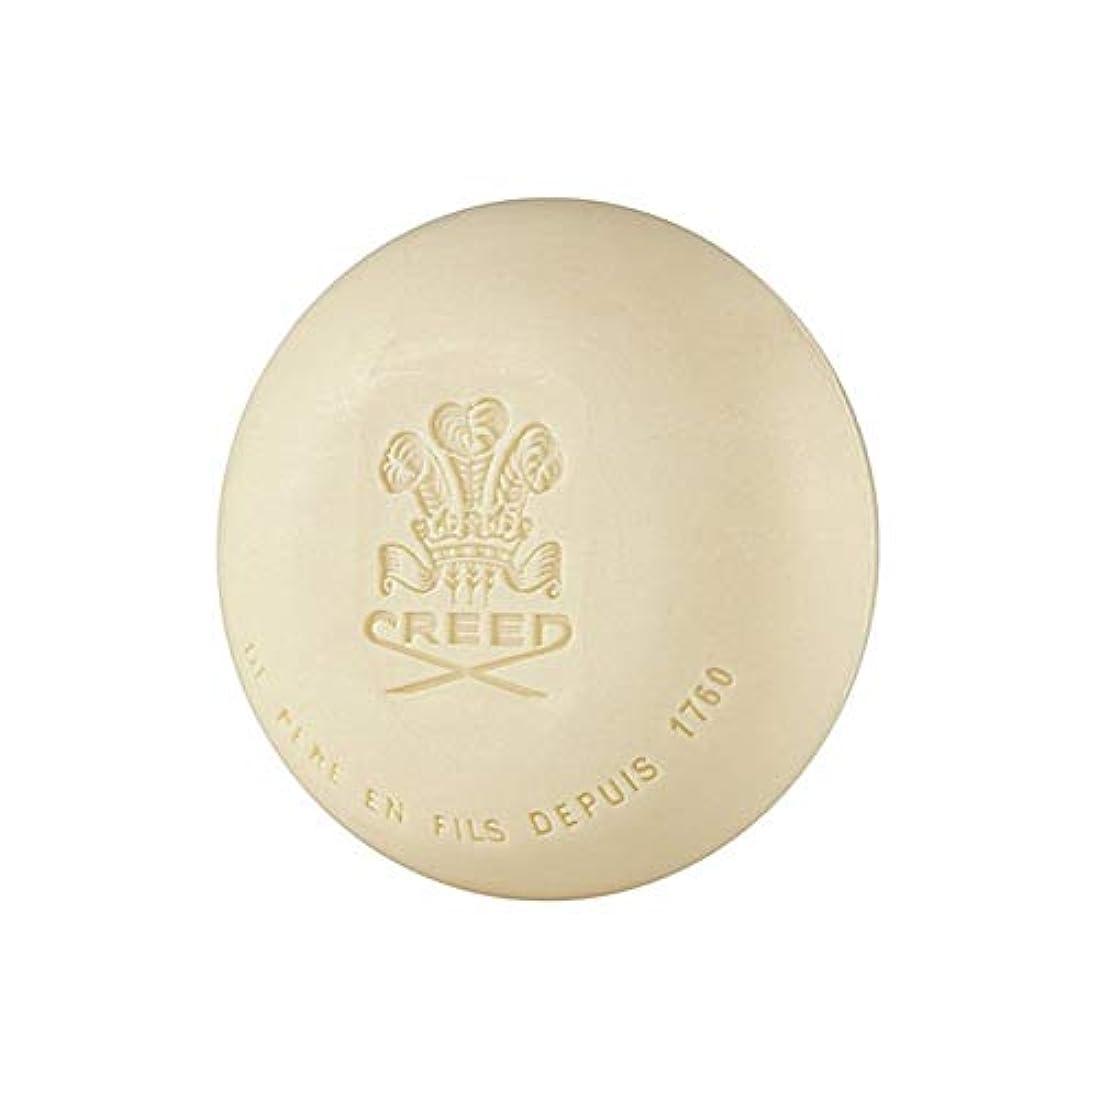 と闘う罰する時間とともに[Creed ] 信条元サンタル石鹸150グラム - Creed Original Santal Soap 150G [並行輸入品]